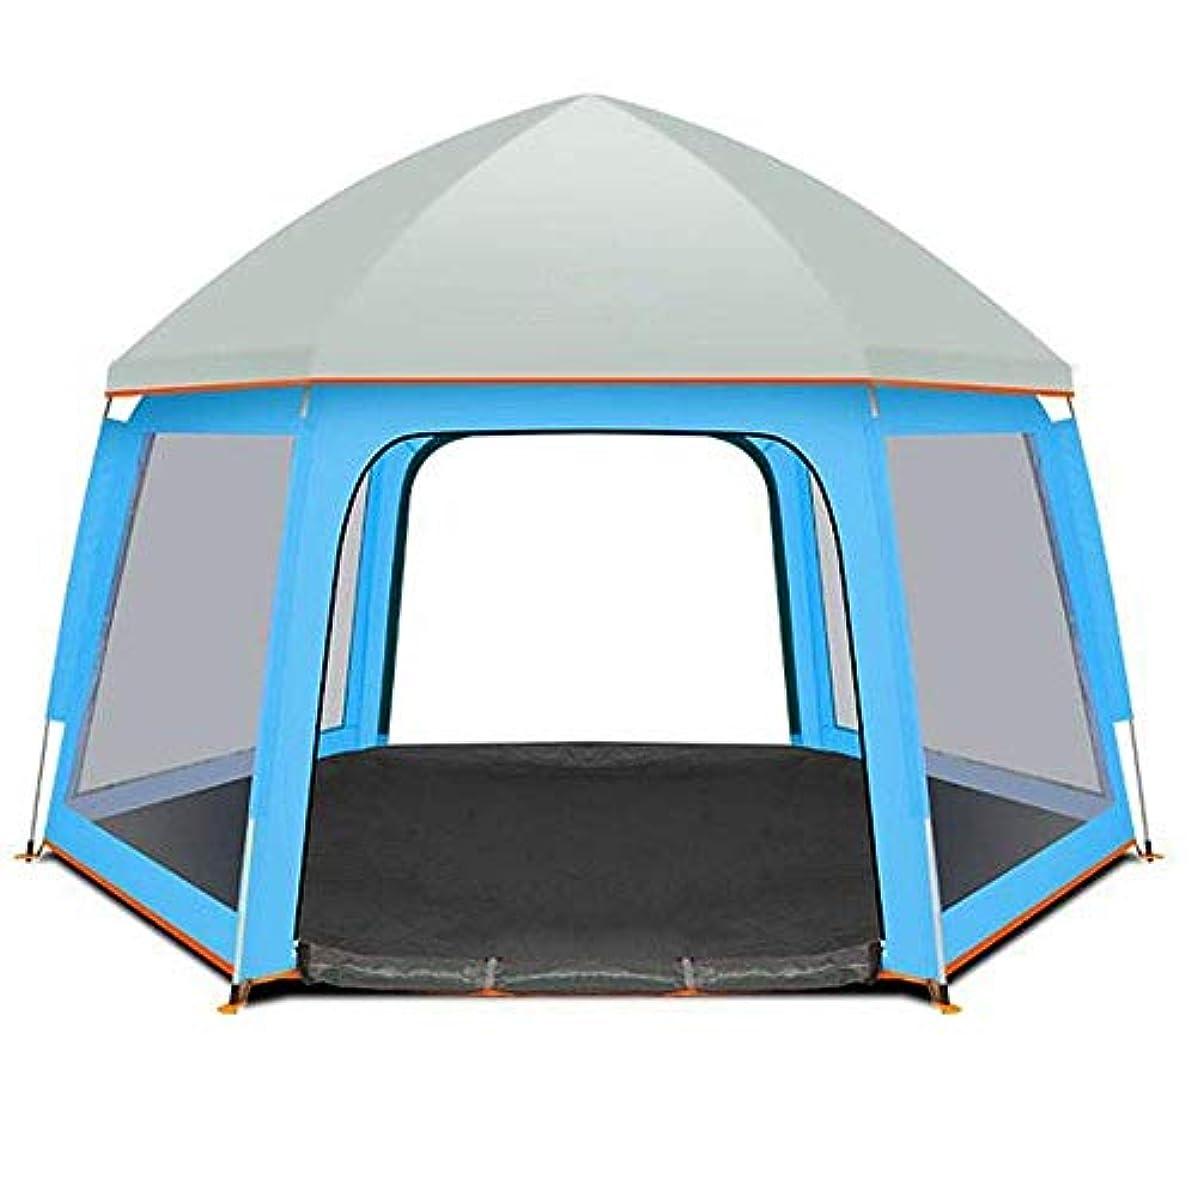 不健全隣接こっそりキャンプテント ドームテント、屋外キャンプ六角形のテント3-5人スピードオープンポップアップテントダブルシングル家族テント適したビーチをハイキング サンシェード?シェルター (色 : 青)